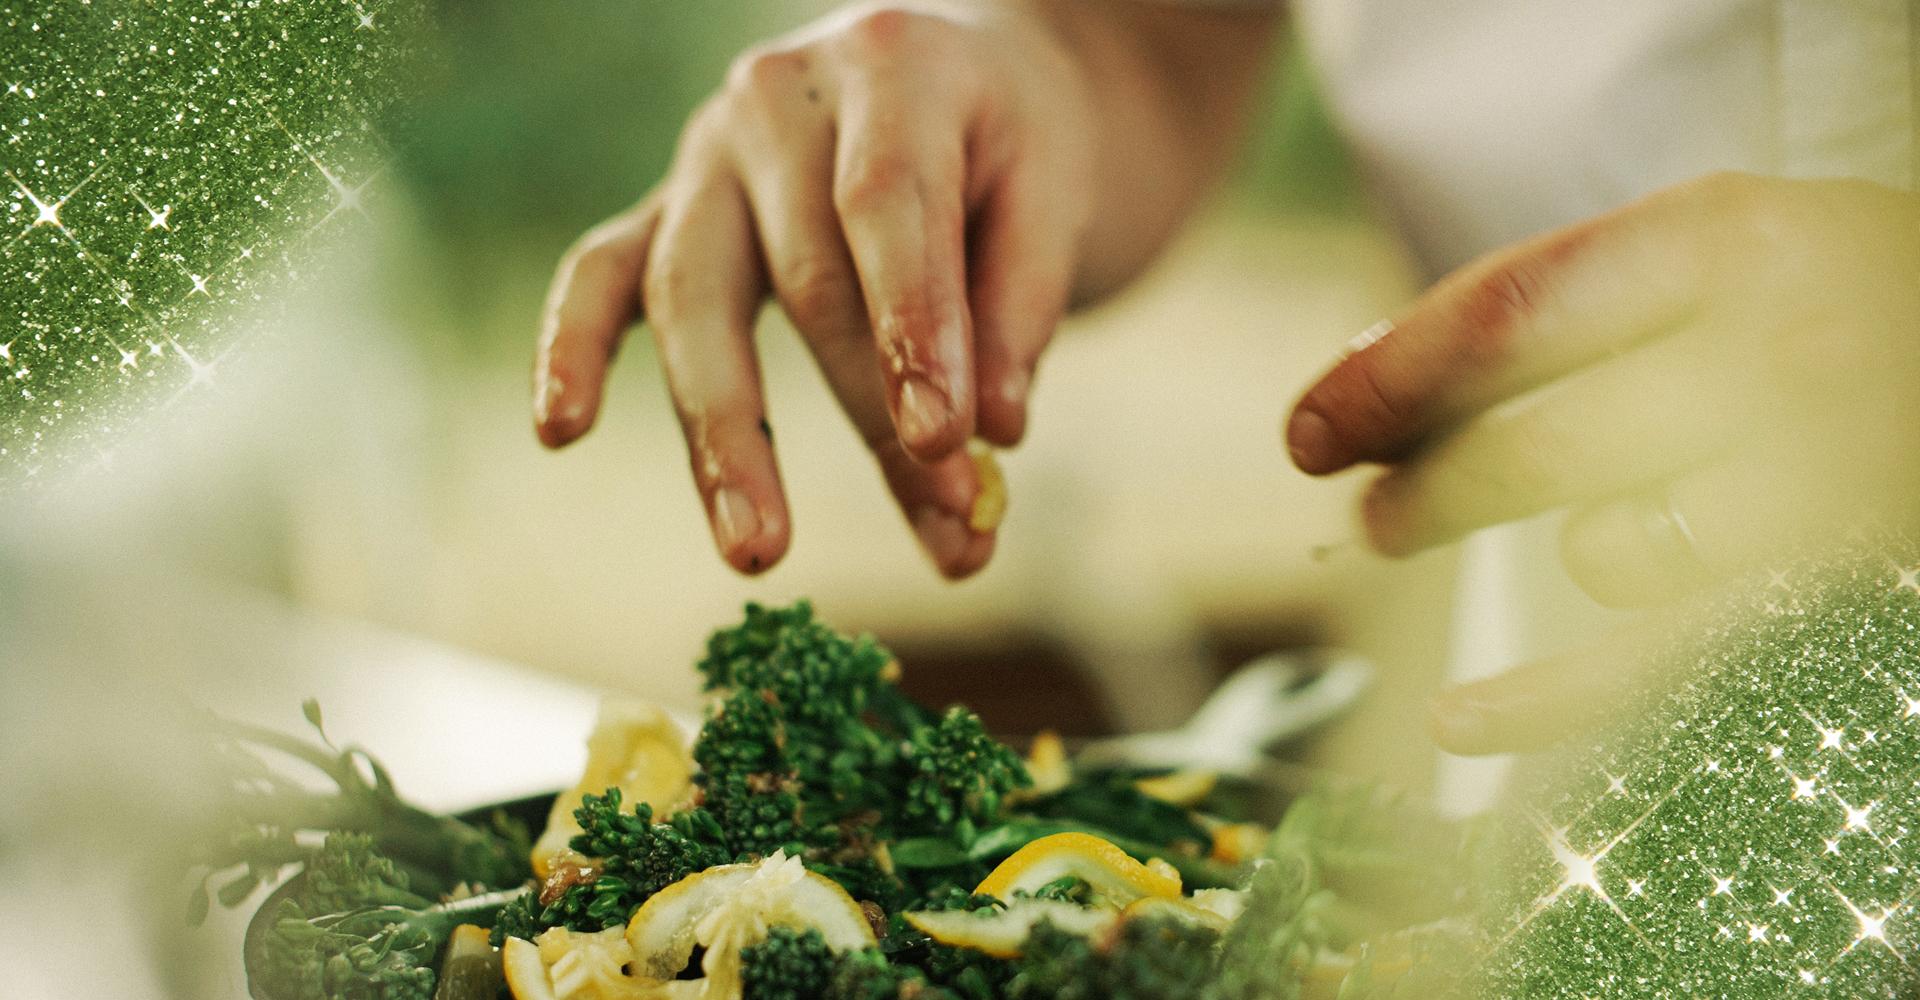 5 documentari sulla cucina bellissimi per innamorarsi (ancora) del cibo